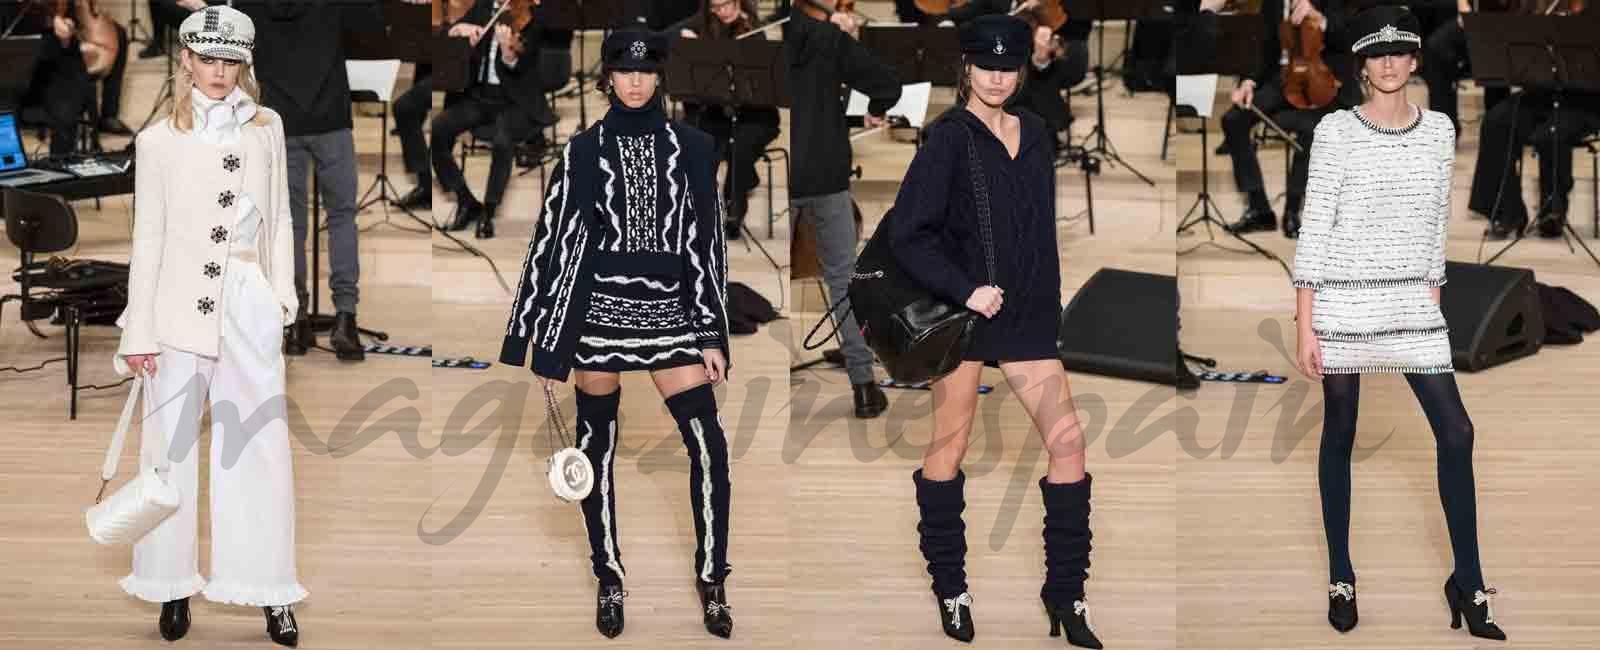 Chanel presenta su desfile Métiers d'art 2017-2018 en Hamburgo